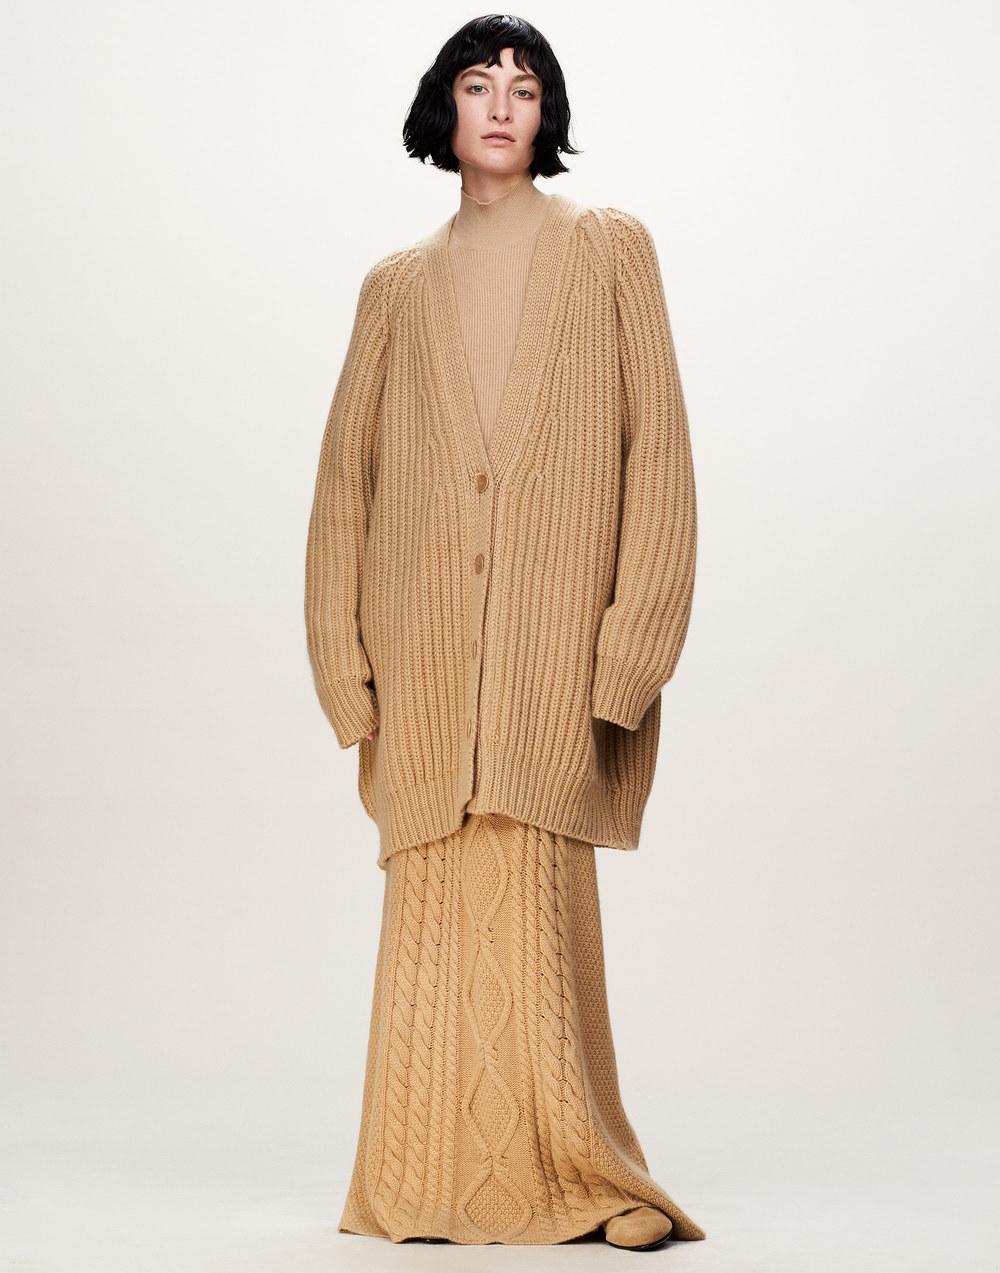 14-ryan-roche-fall-2016-ready-to-wear.jpg